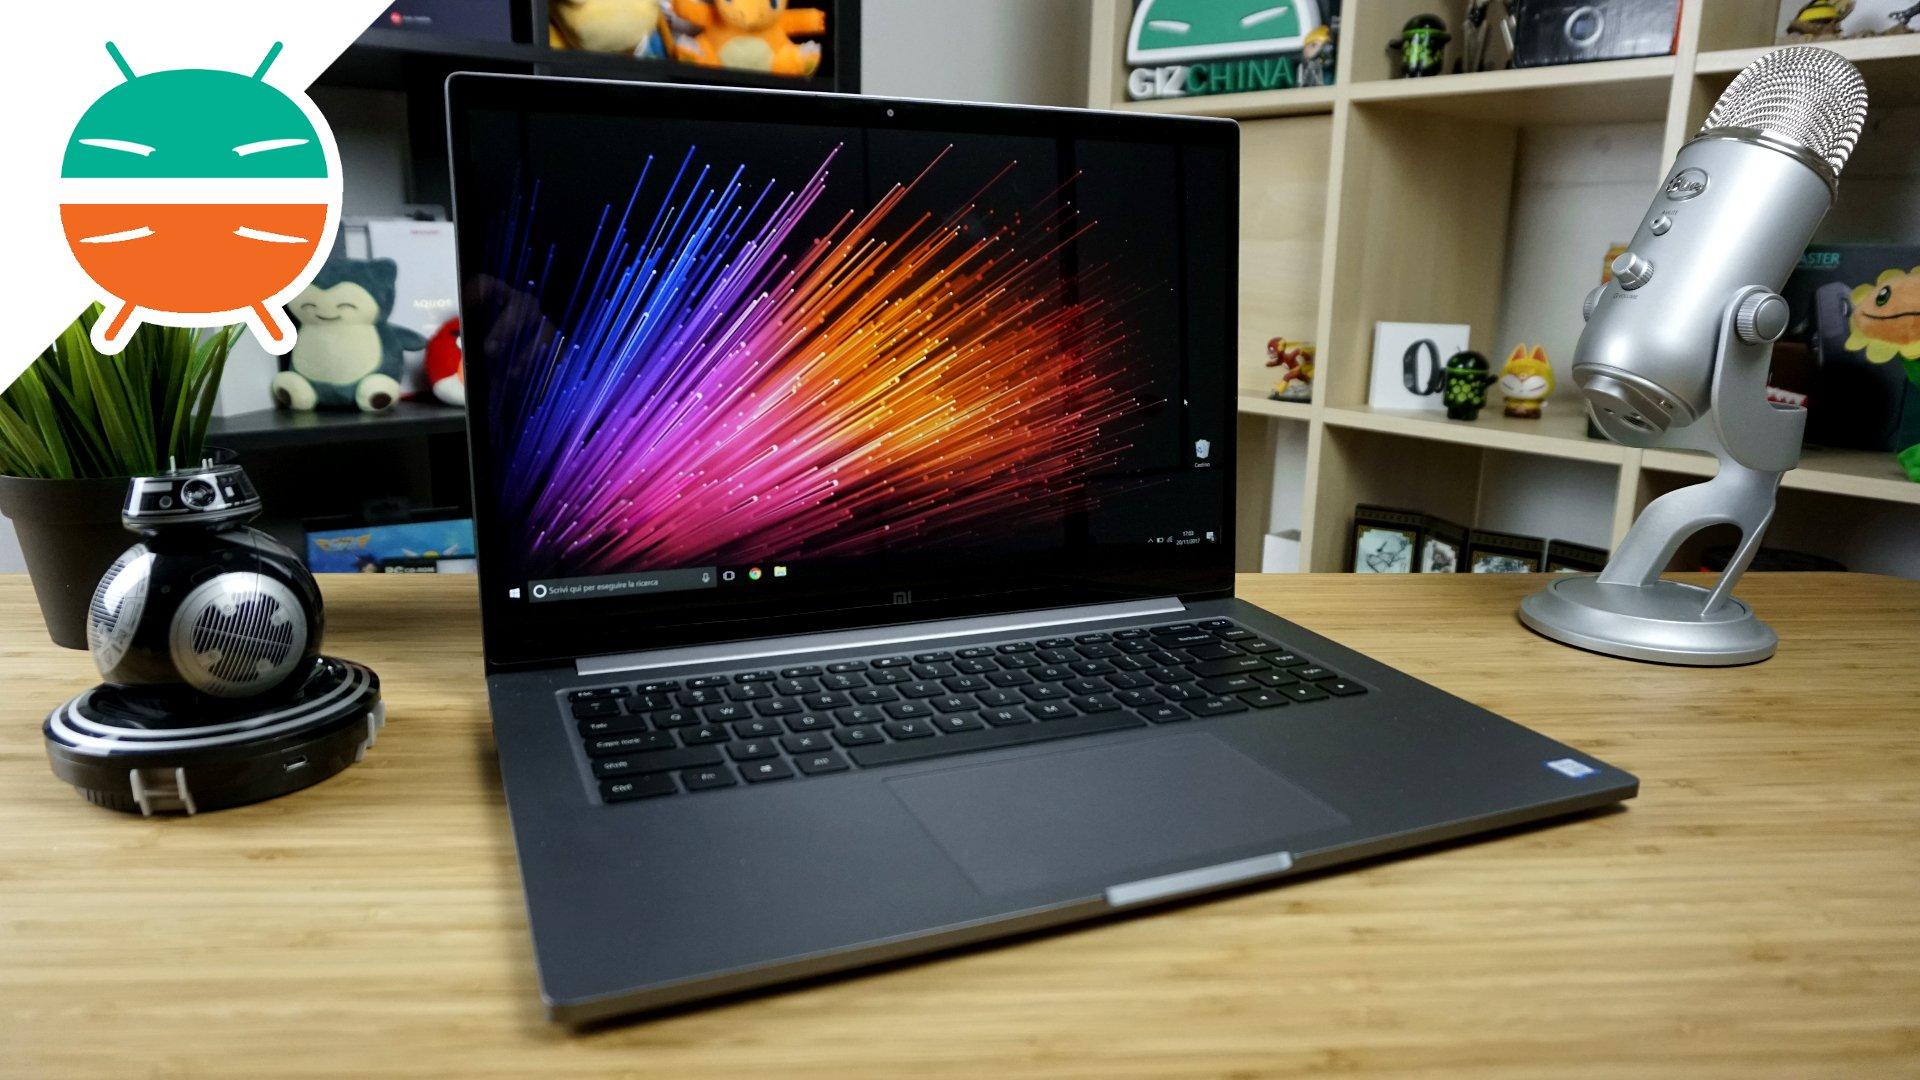 Xiaomi Mi Notebook Pro i7 16/256 GB GTX1050 - Banggood